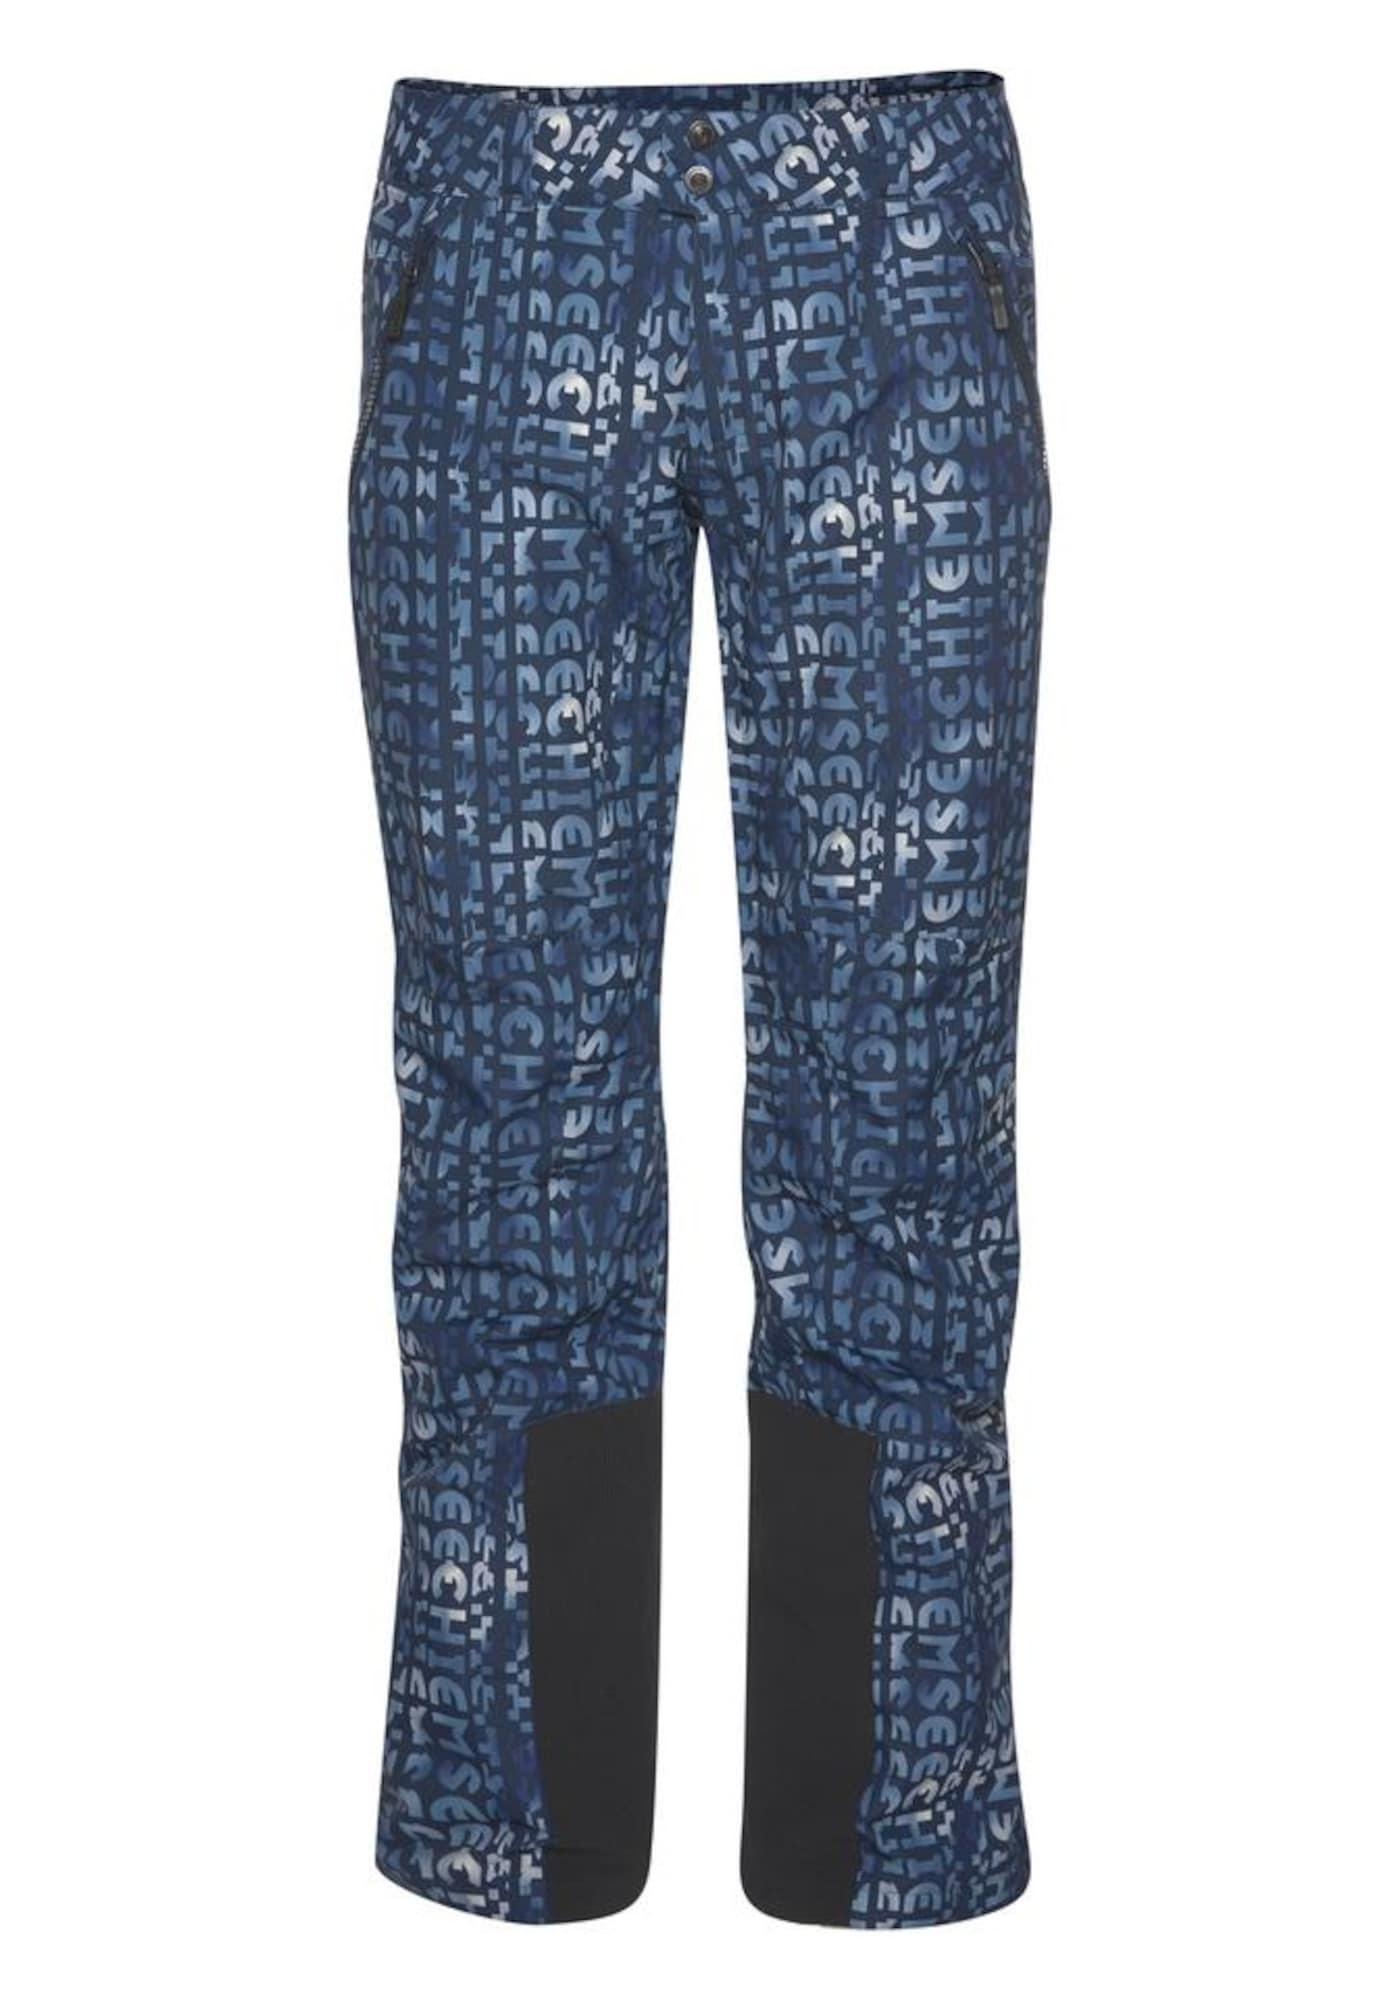 CHIEMSEE Sportinės kelnės tamsiai mėlyna jūros spalva / mišrios spalvos